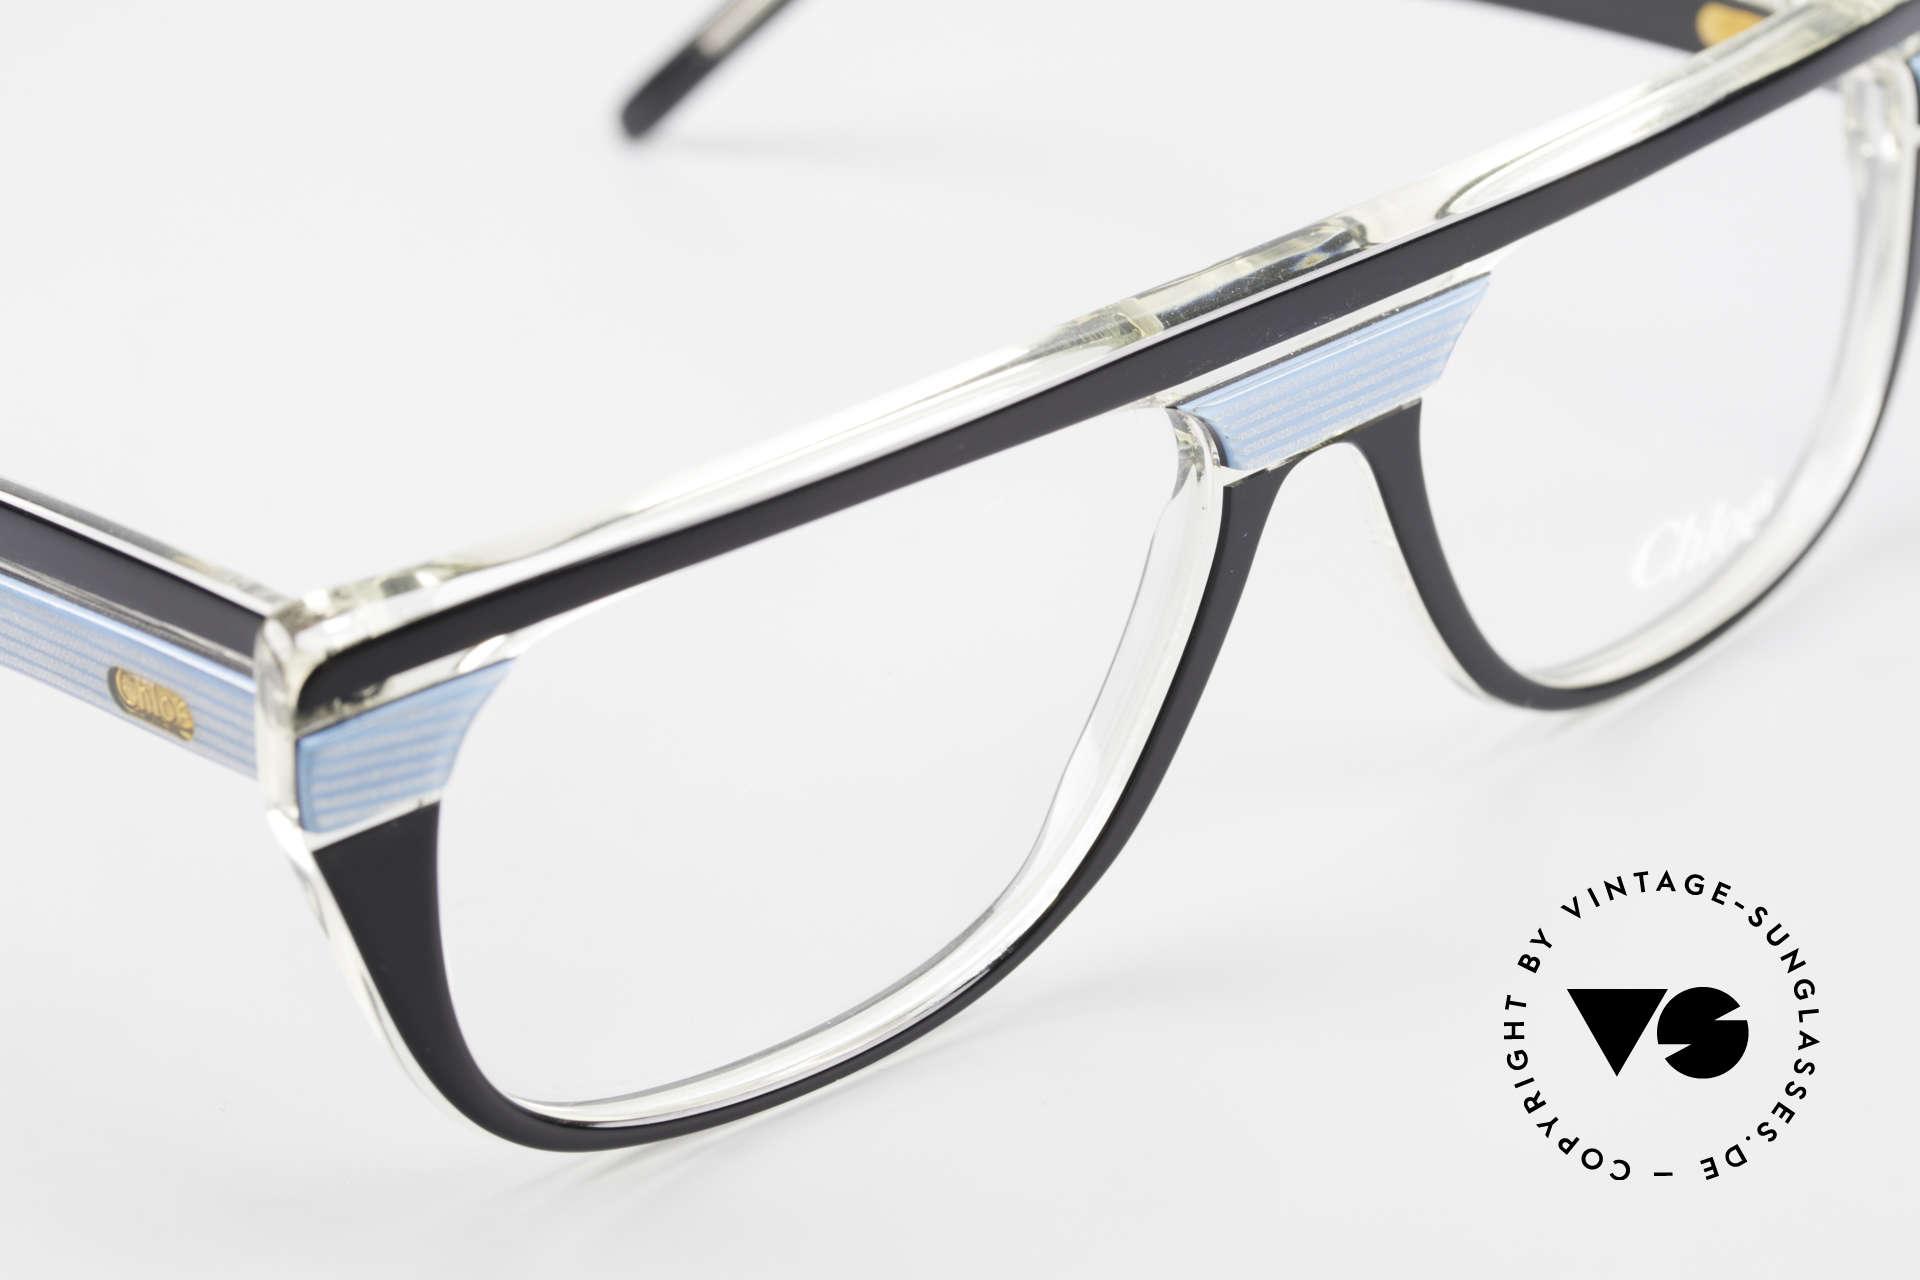 Chloe 8361 Rare Alte 80er Vintage Brille, orig. DEMOgläser können beliebig ersetzt werden, Passend für Herren und Damen